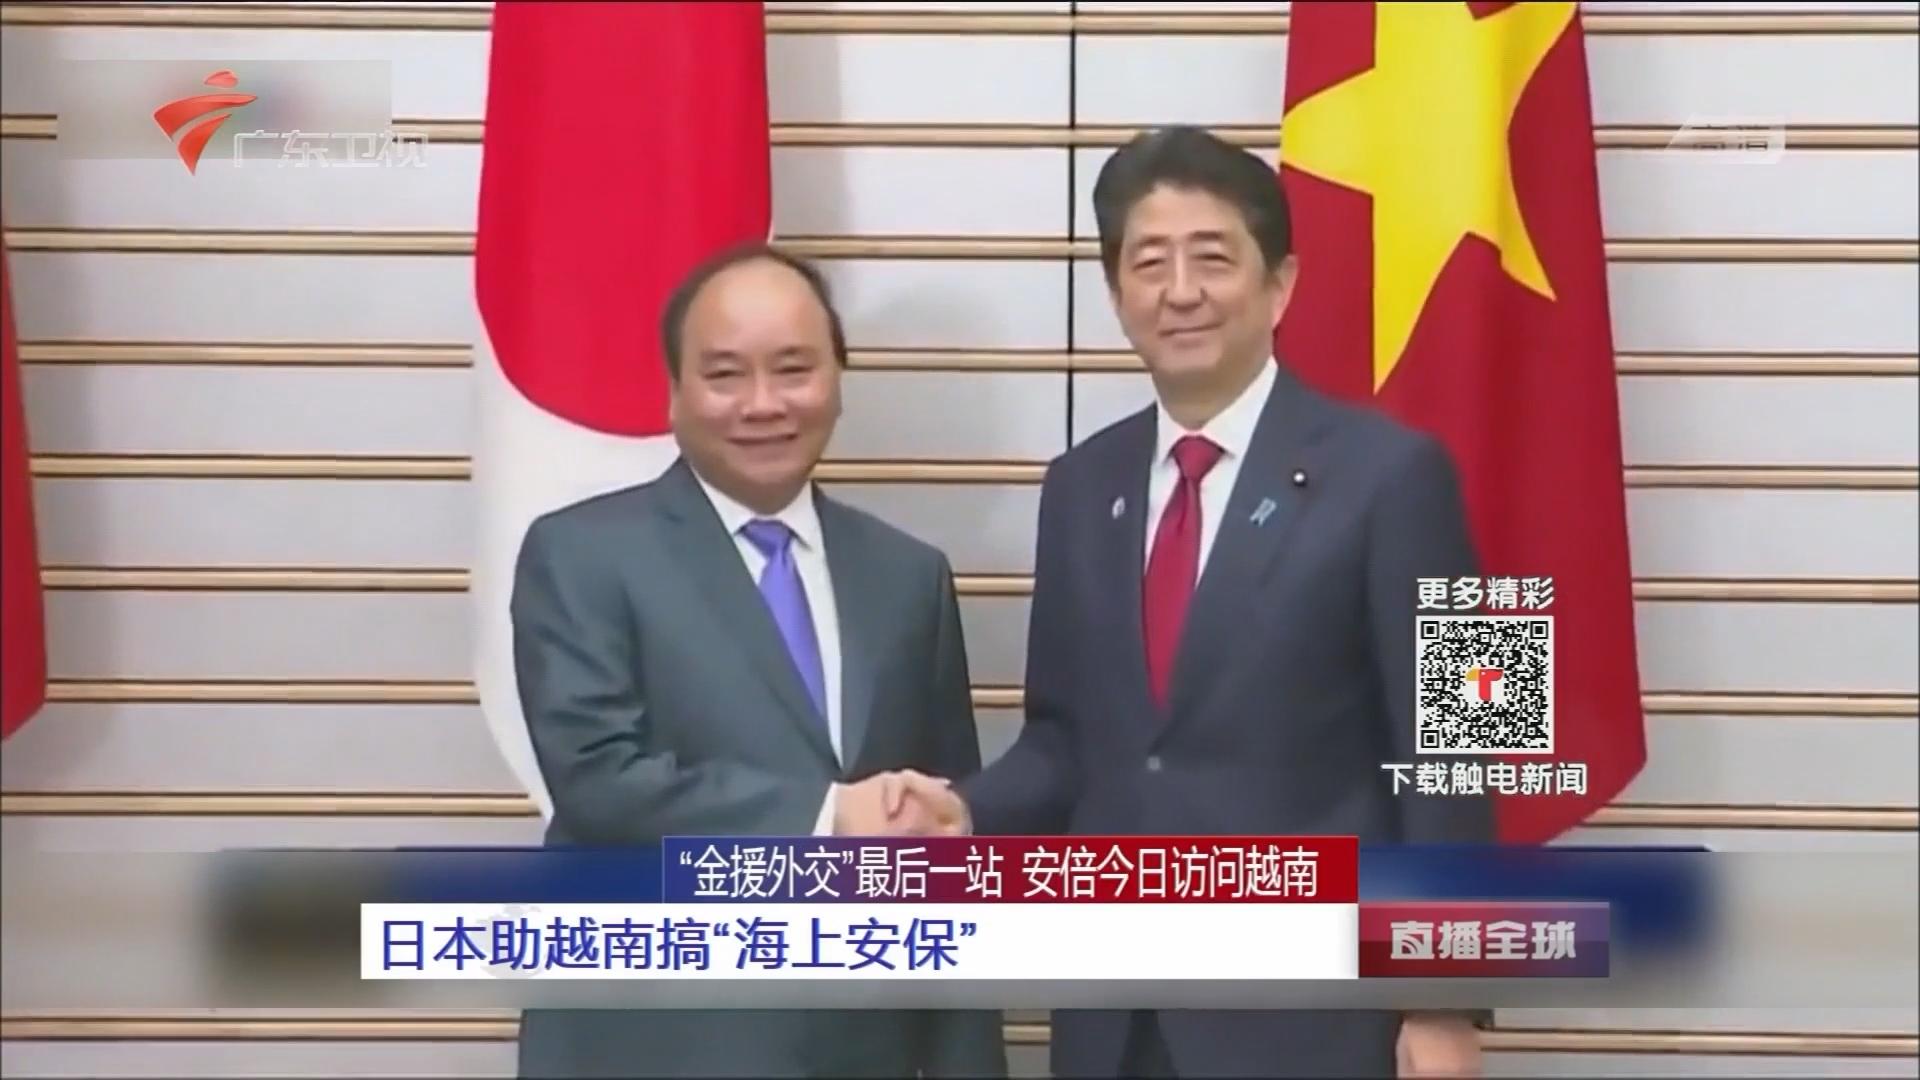 """""""金援外交""""最后一站 安倍今日访问越南:日本与越南将在火电方面加强合作 以技术对抗中国"""